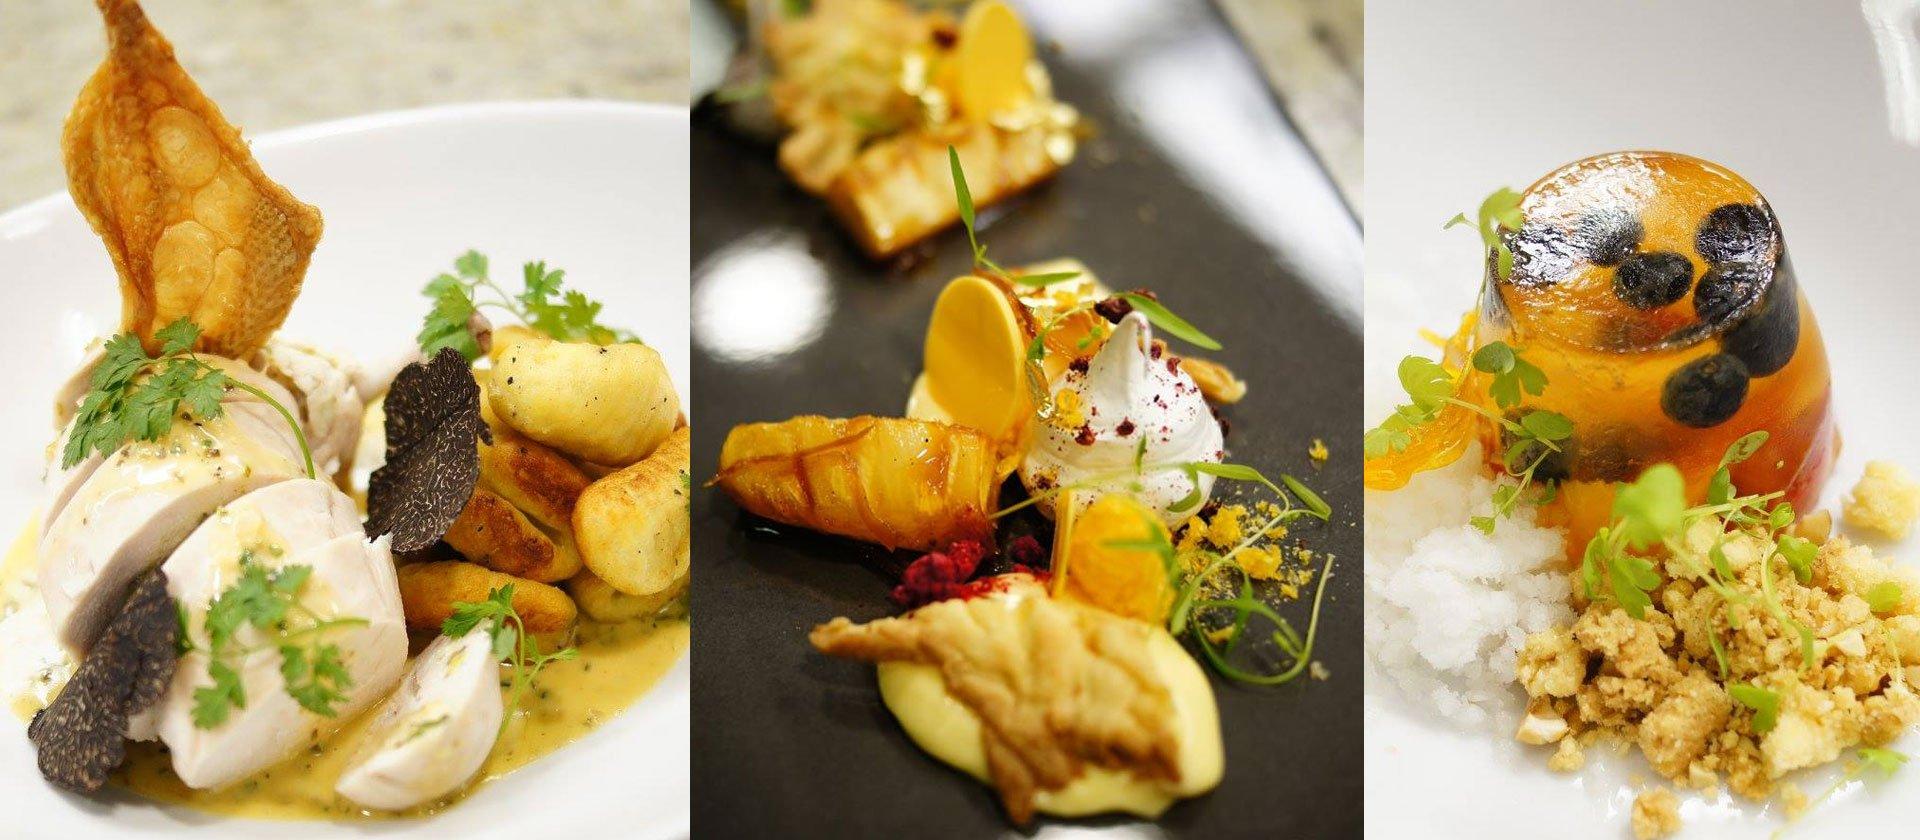 Le Cordon Bleu restaurant service and high tea